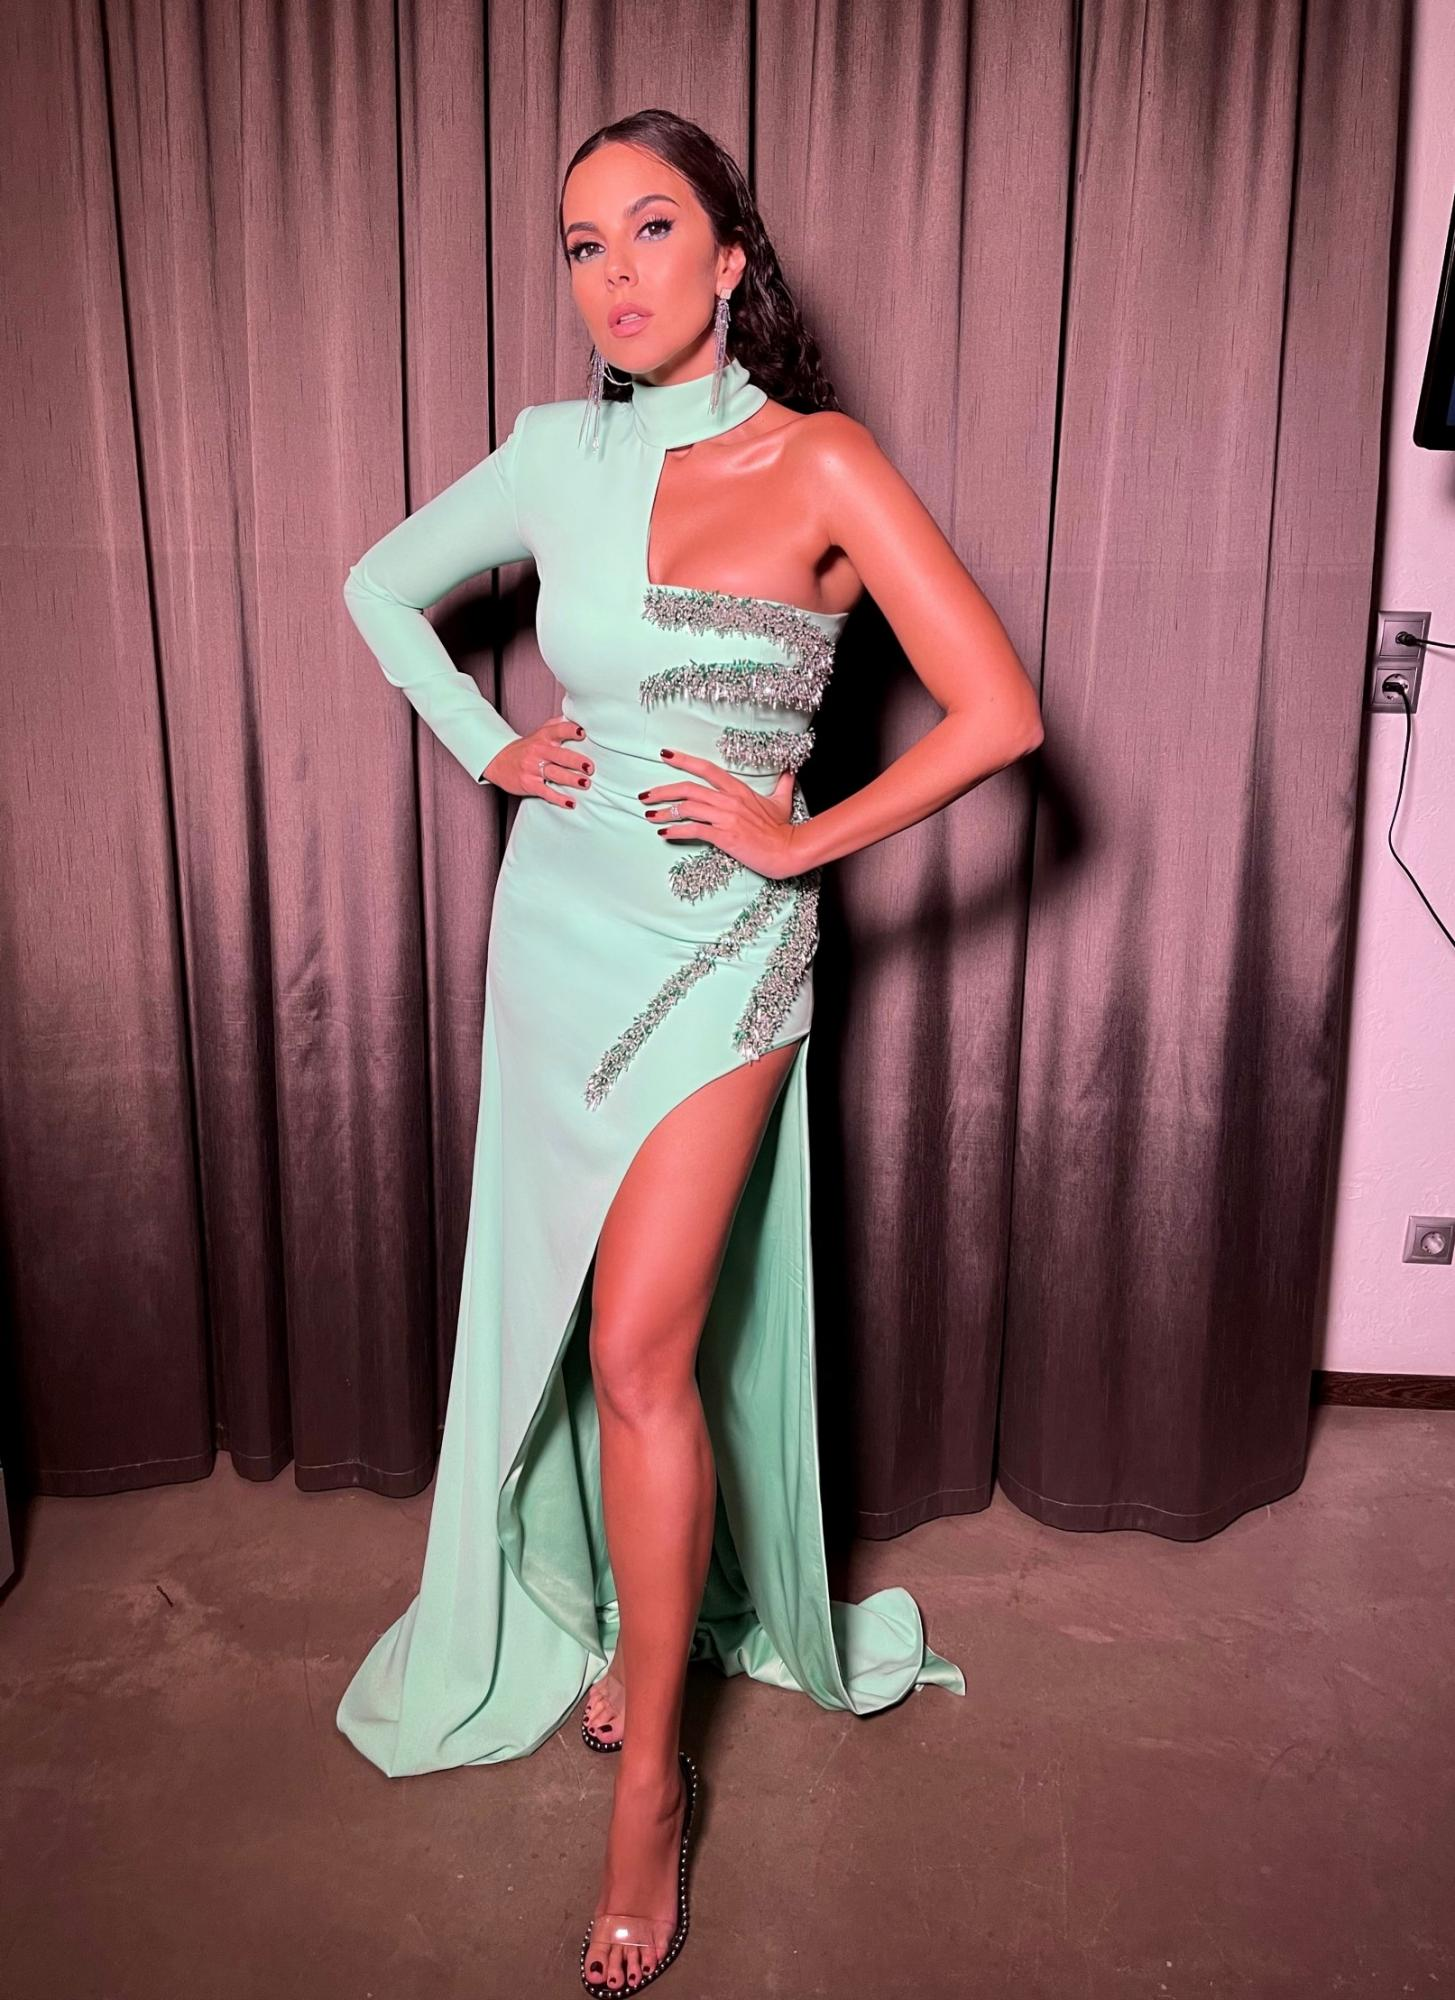 Настя Каменських вразила розкішною фігурою в сукні наймоднішого відтінку цього сезону